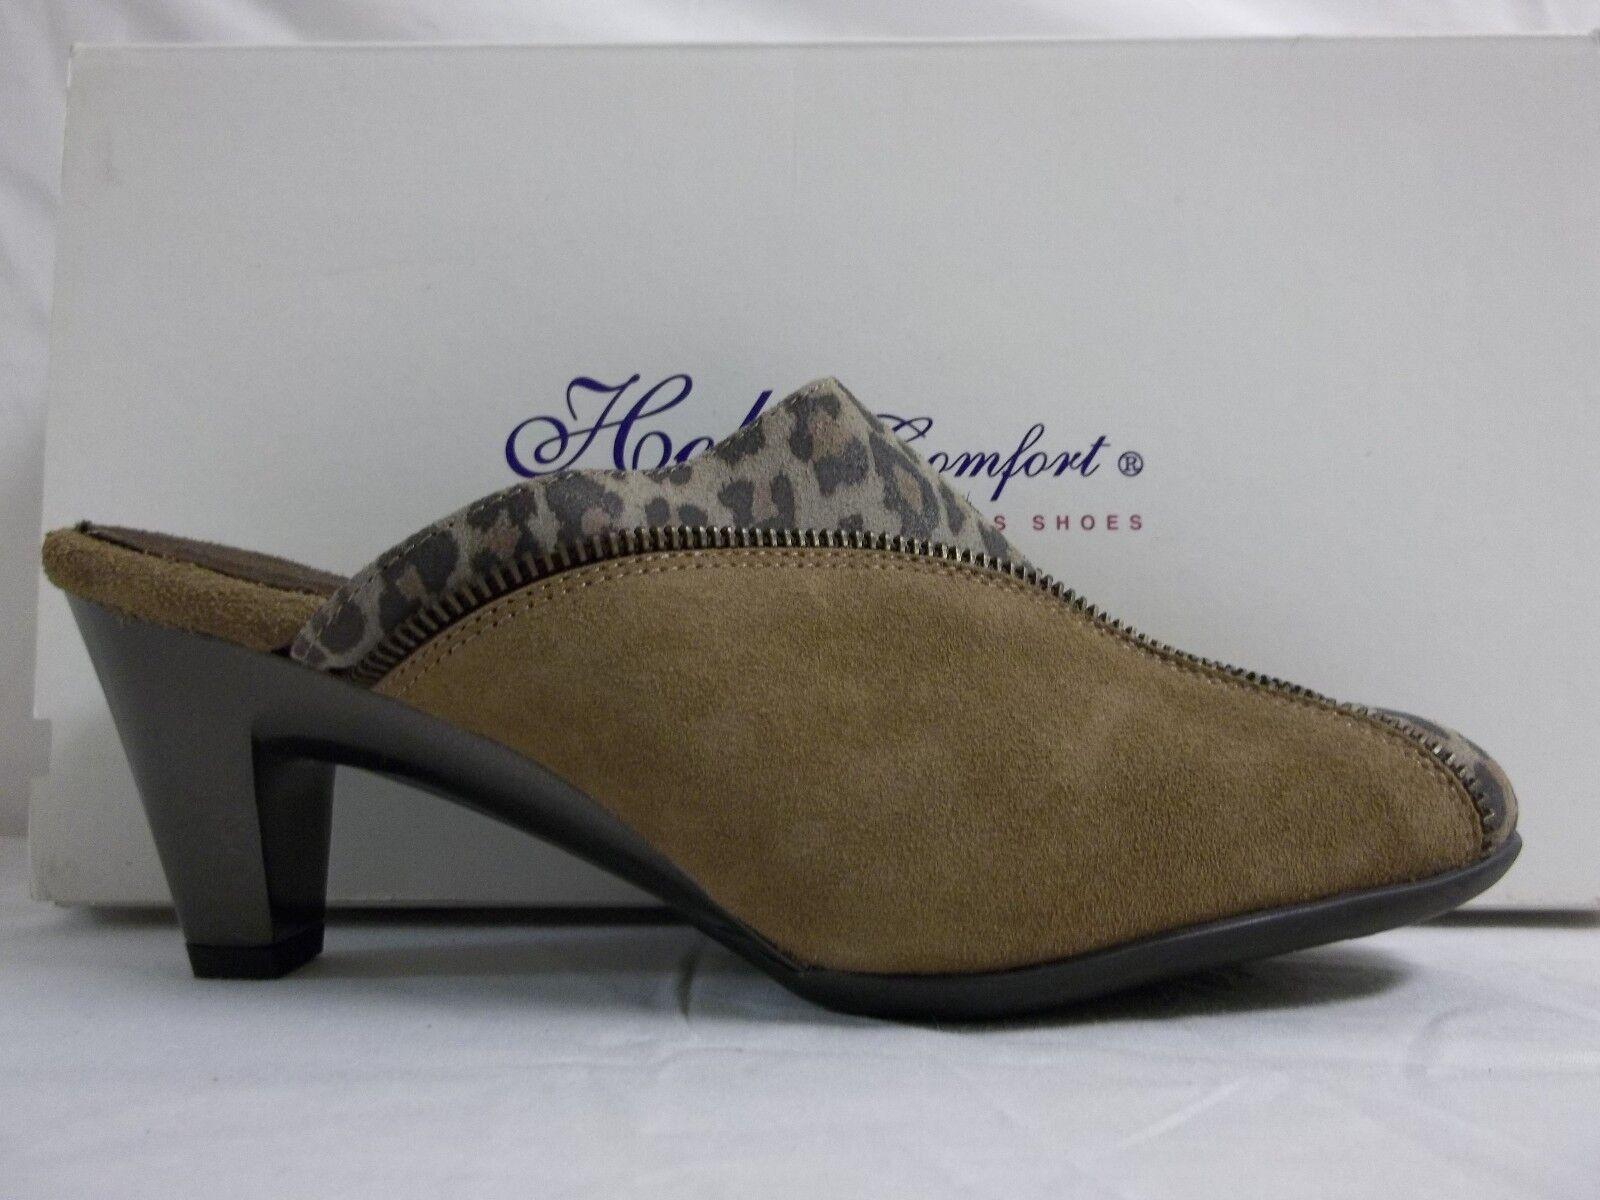 Helle 6.5 Comfort EU 37 nos 6 6.5 Helle Emily Cognac Cuero Zapatos De Tacón Zuecos Nuevos Mujer Zapatos 95e337